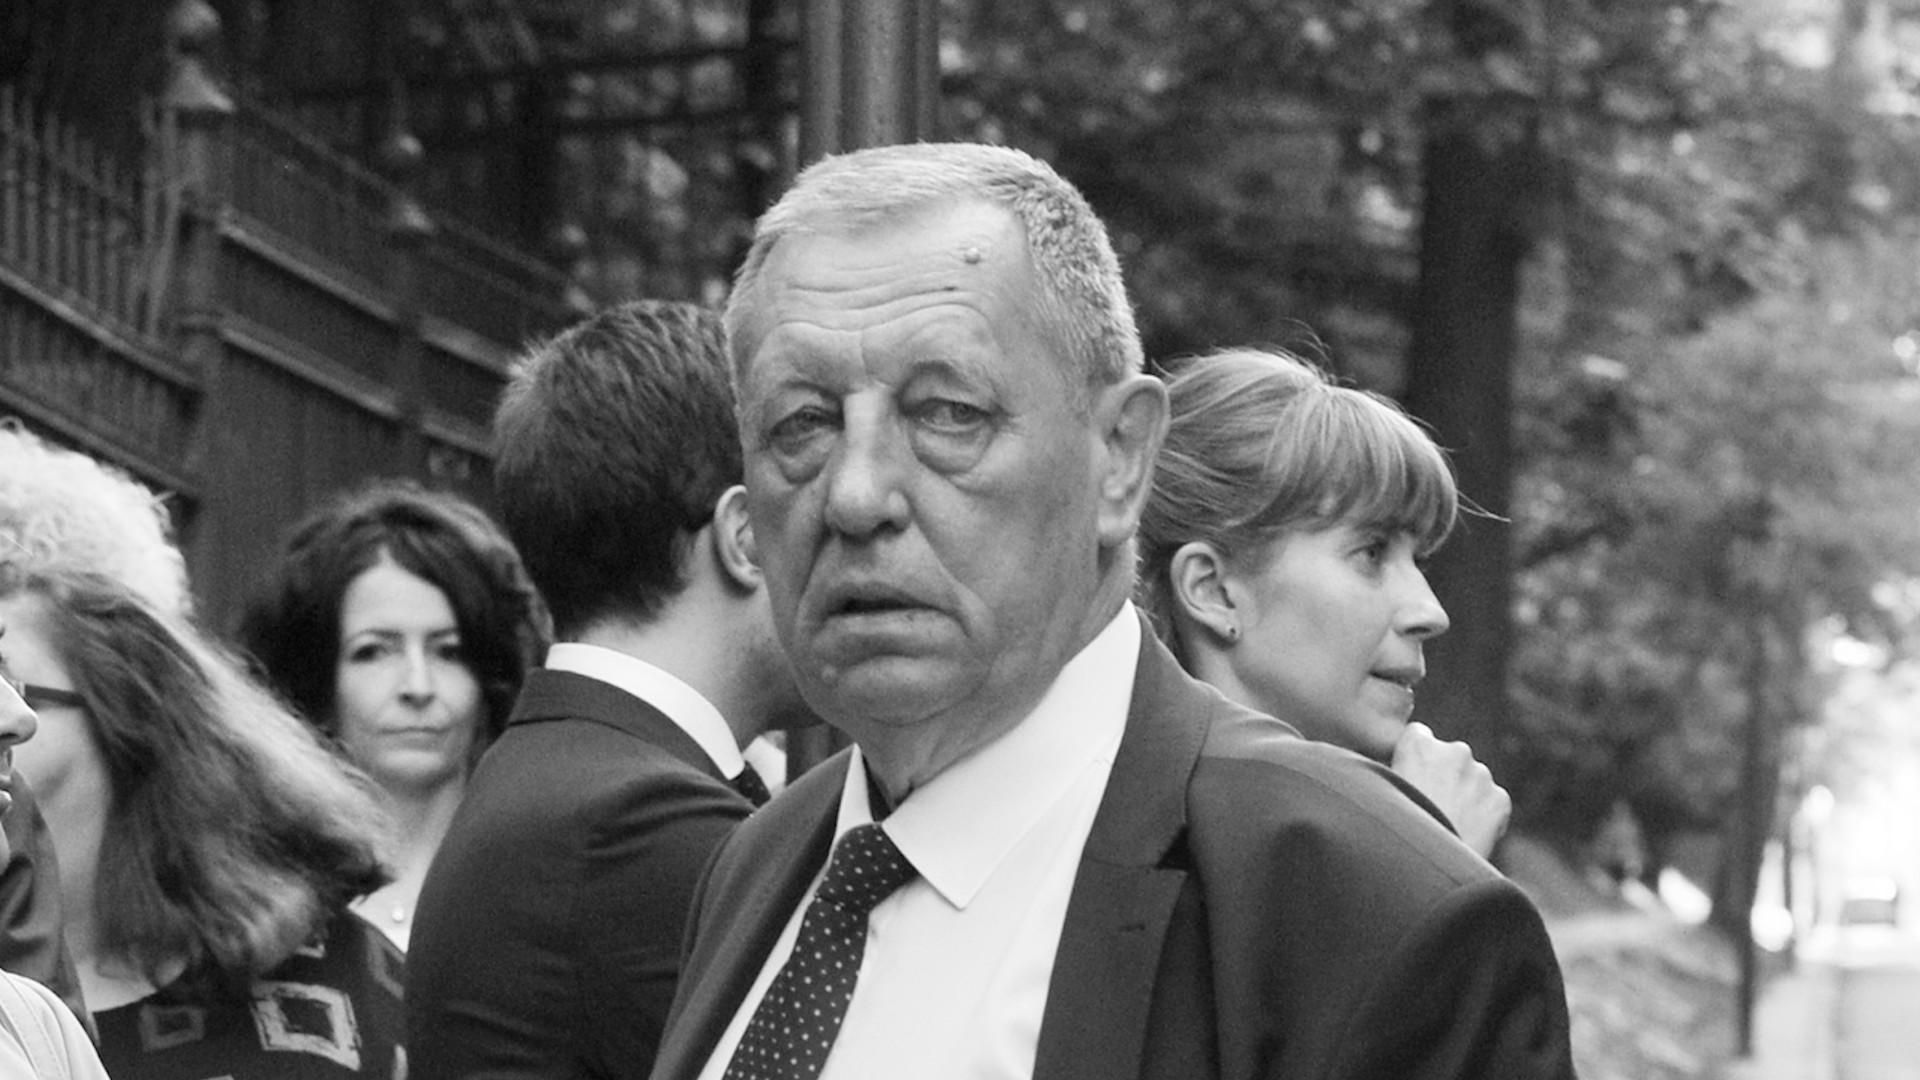 Nie żyje były minister środowiska Jan Szyszko. Zmarł nagle